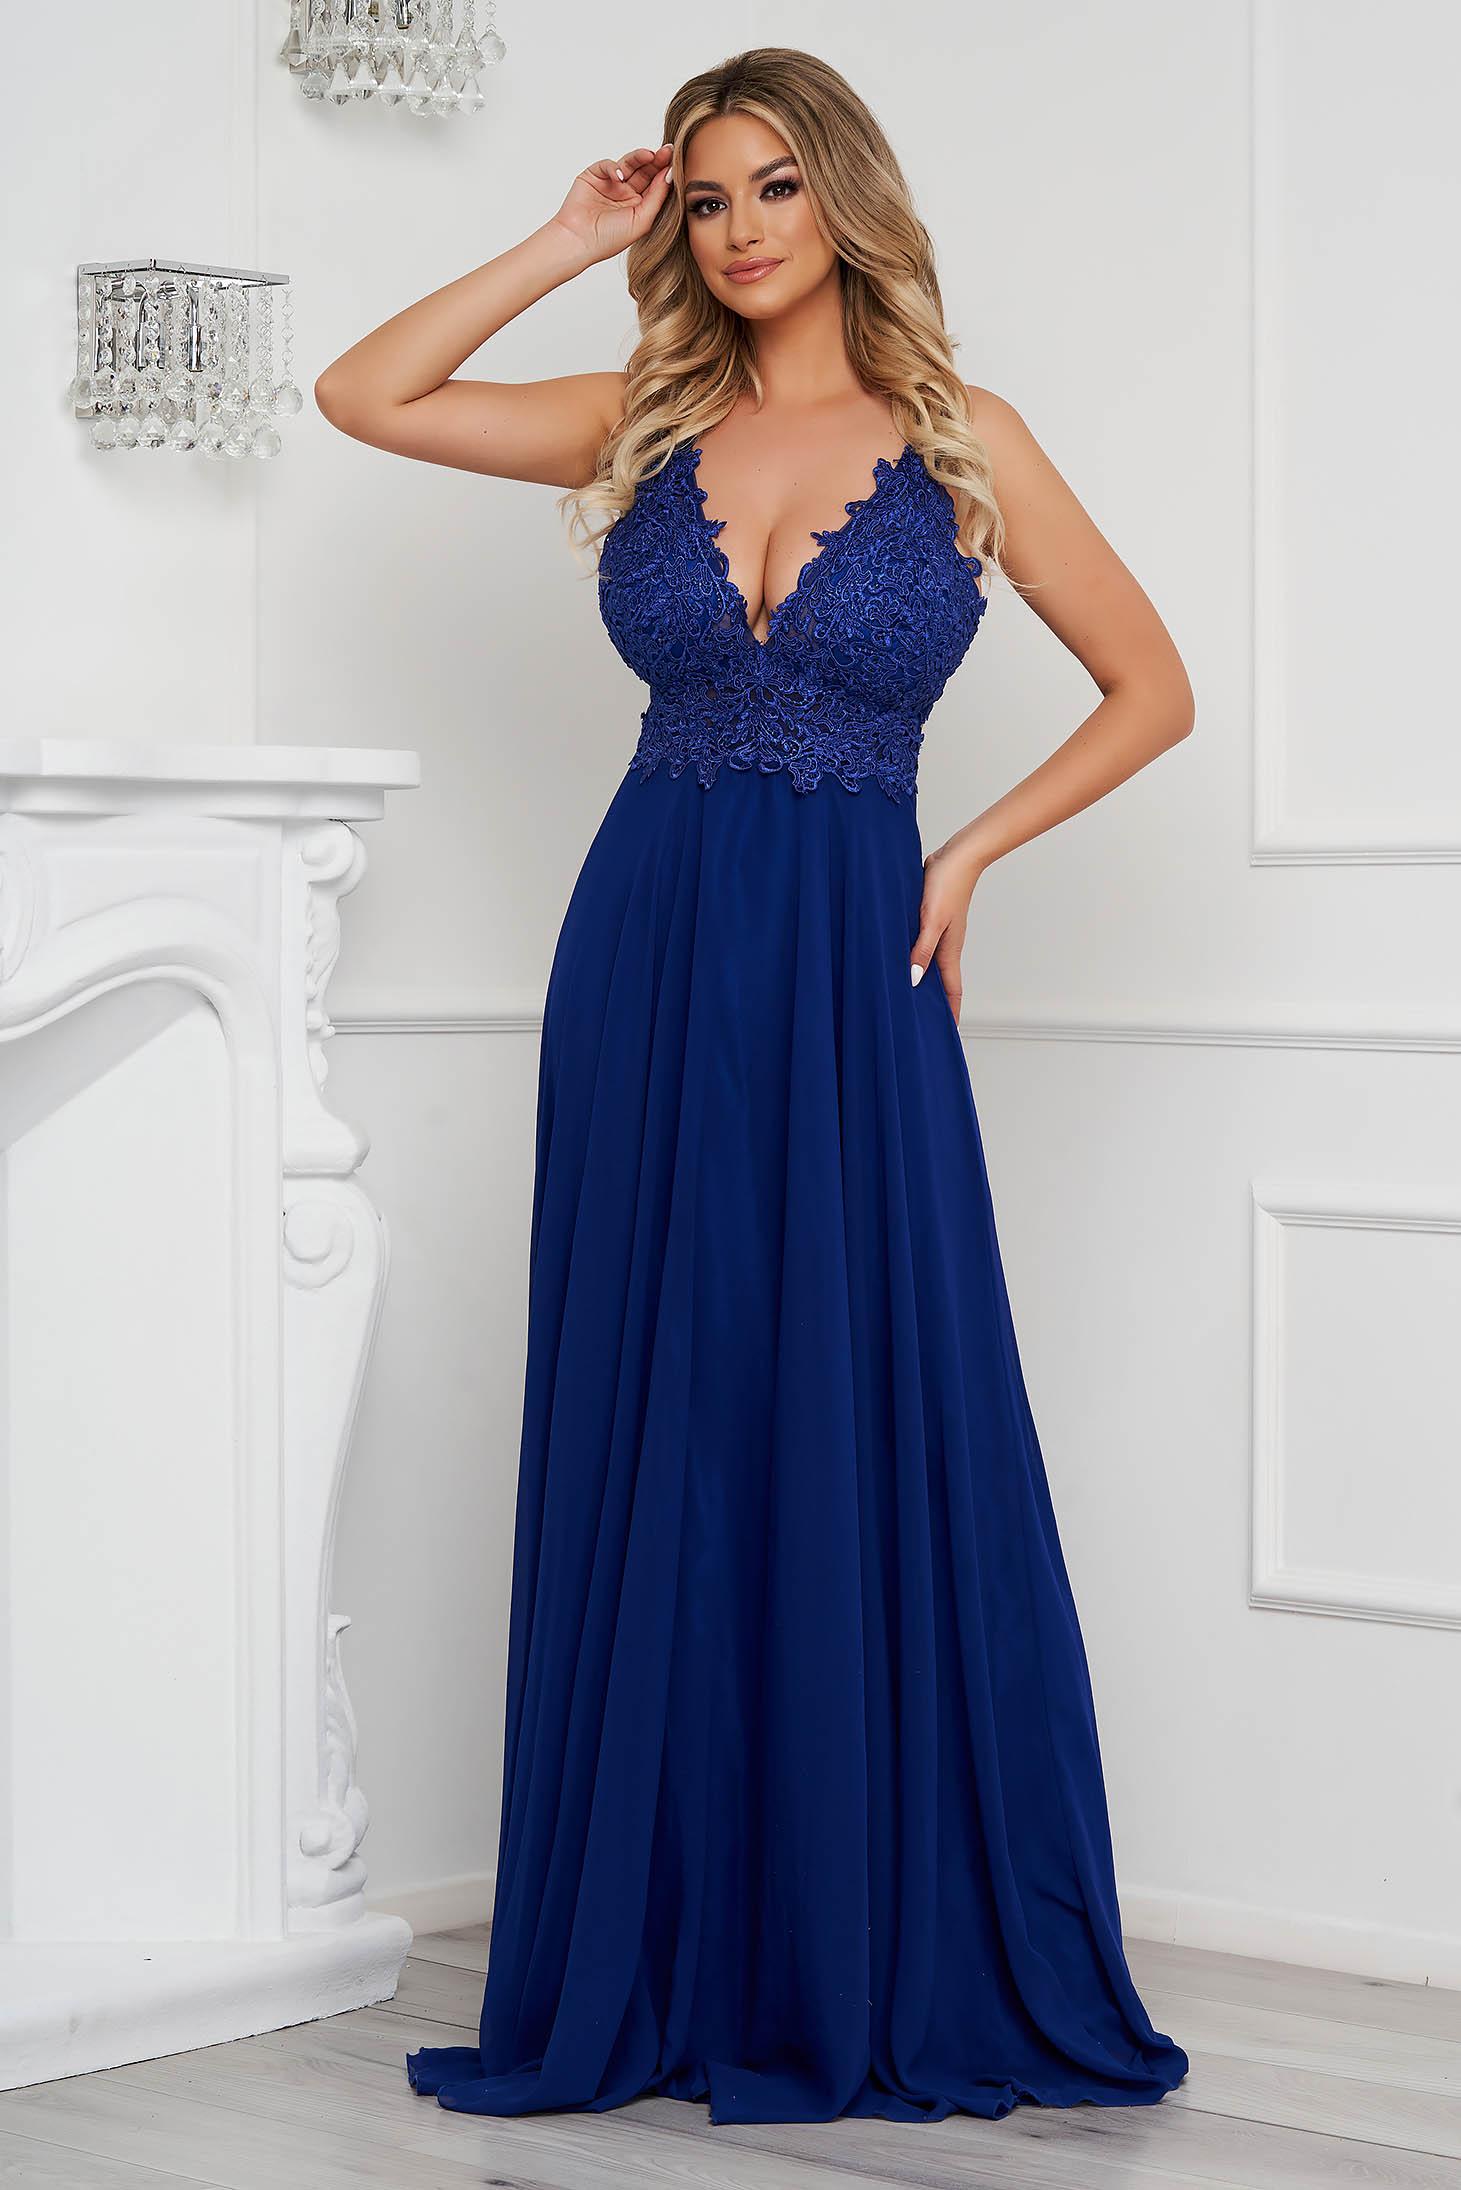 Kék mellrésznél szivacsos hosszú muszlin alkalmi ruha teljesen kivágott hátrésszel